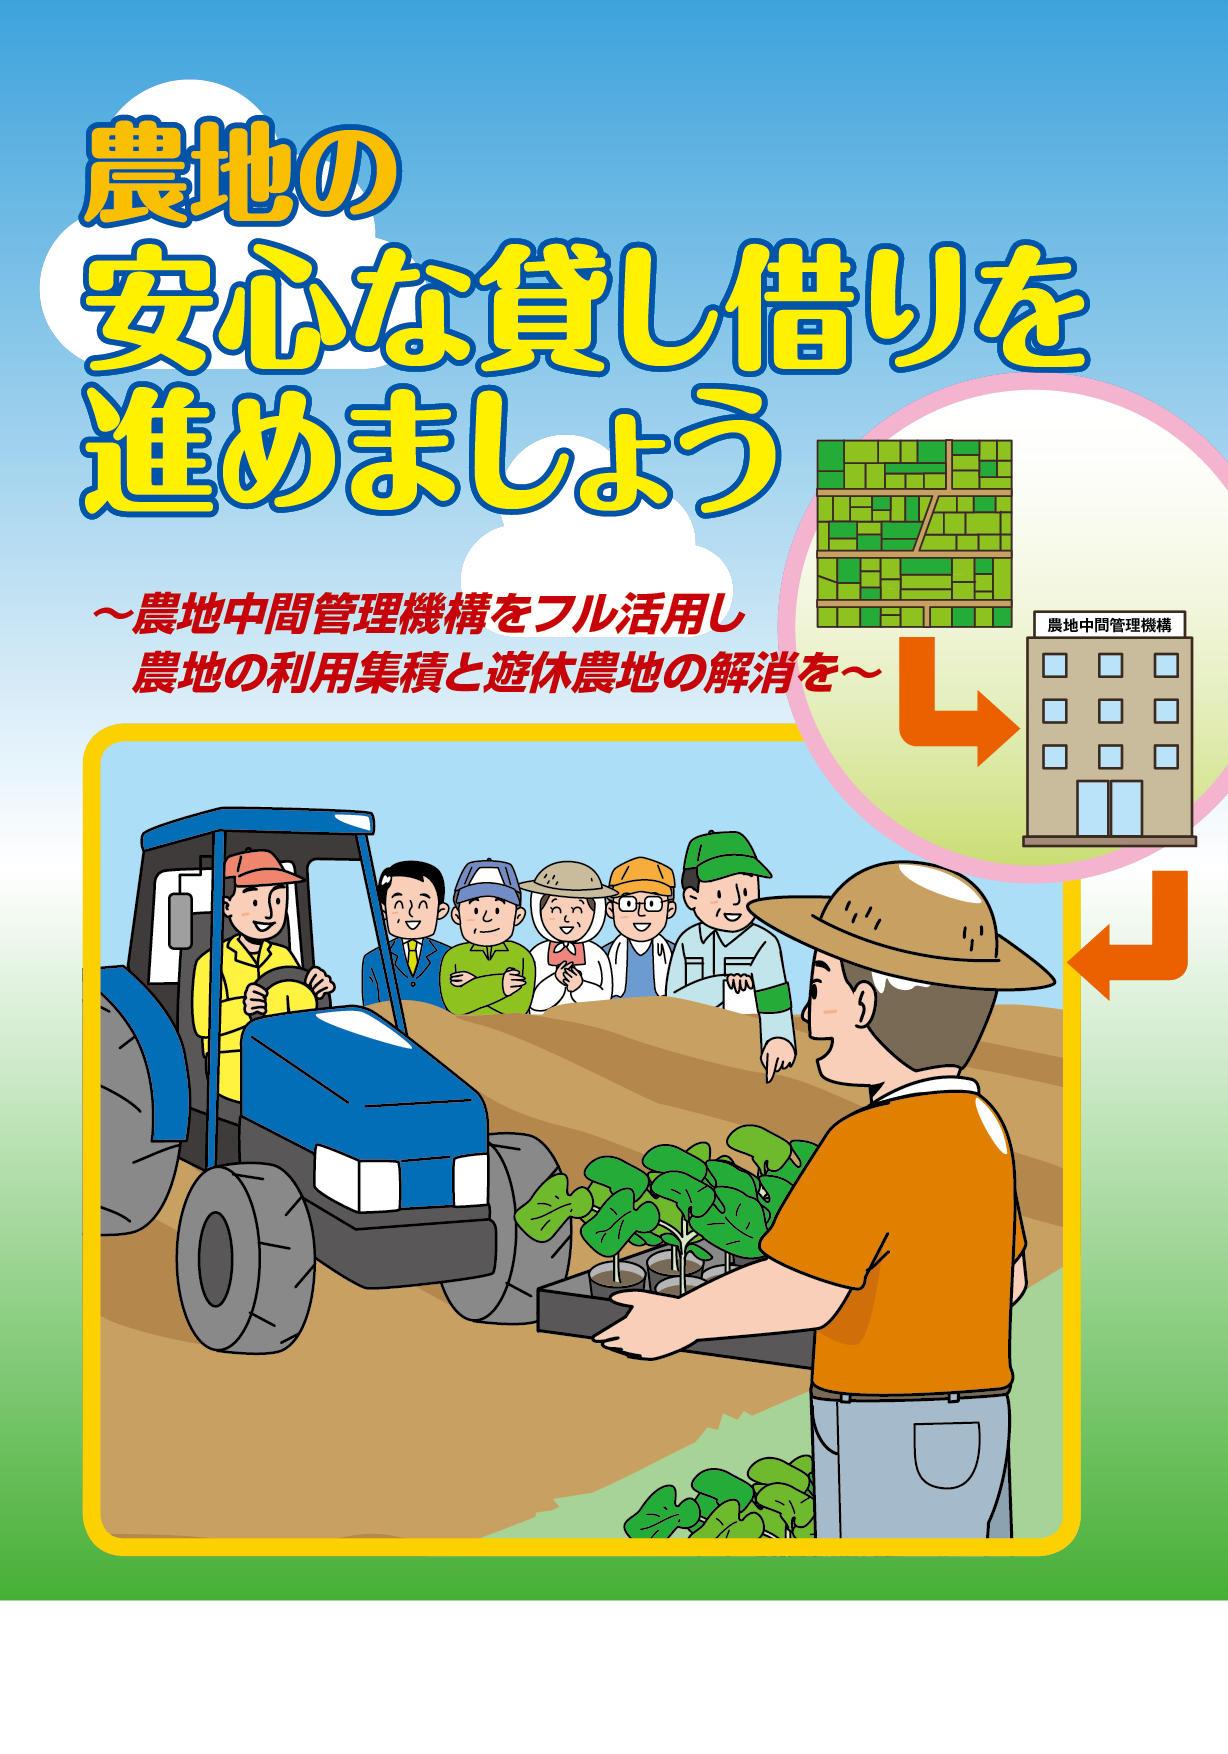 31-44_農地の安心な貸し借りを進めましょう.jpg